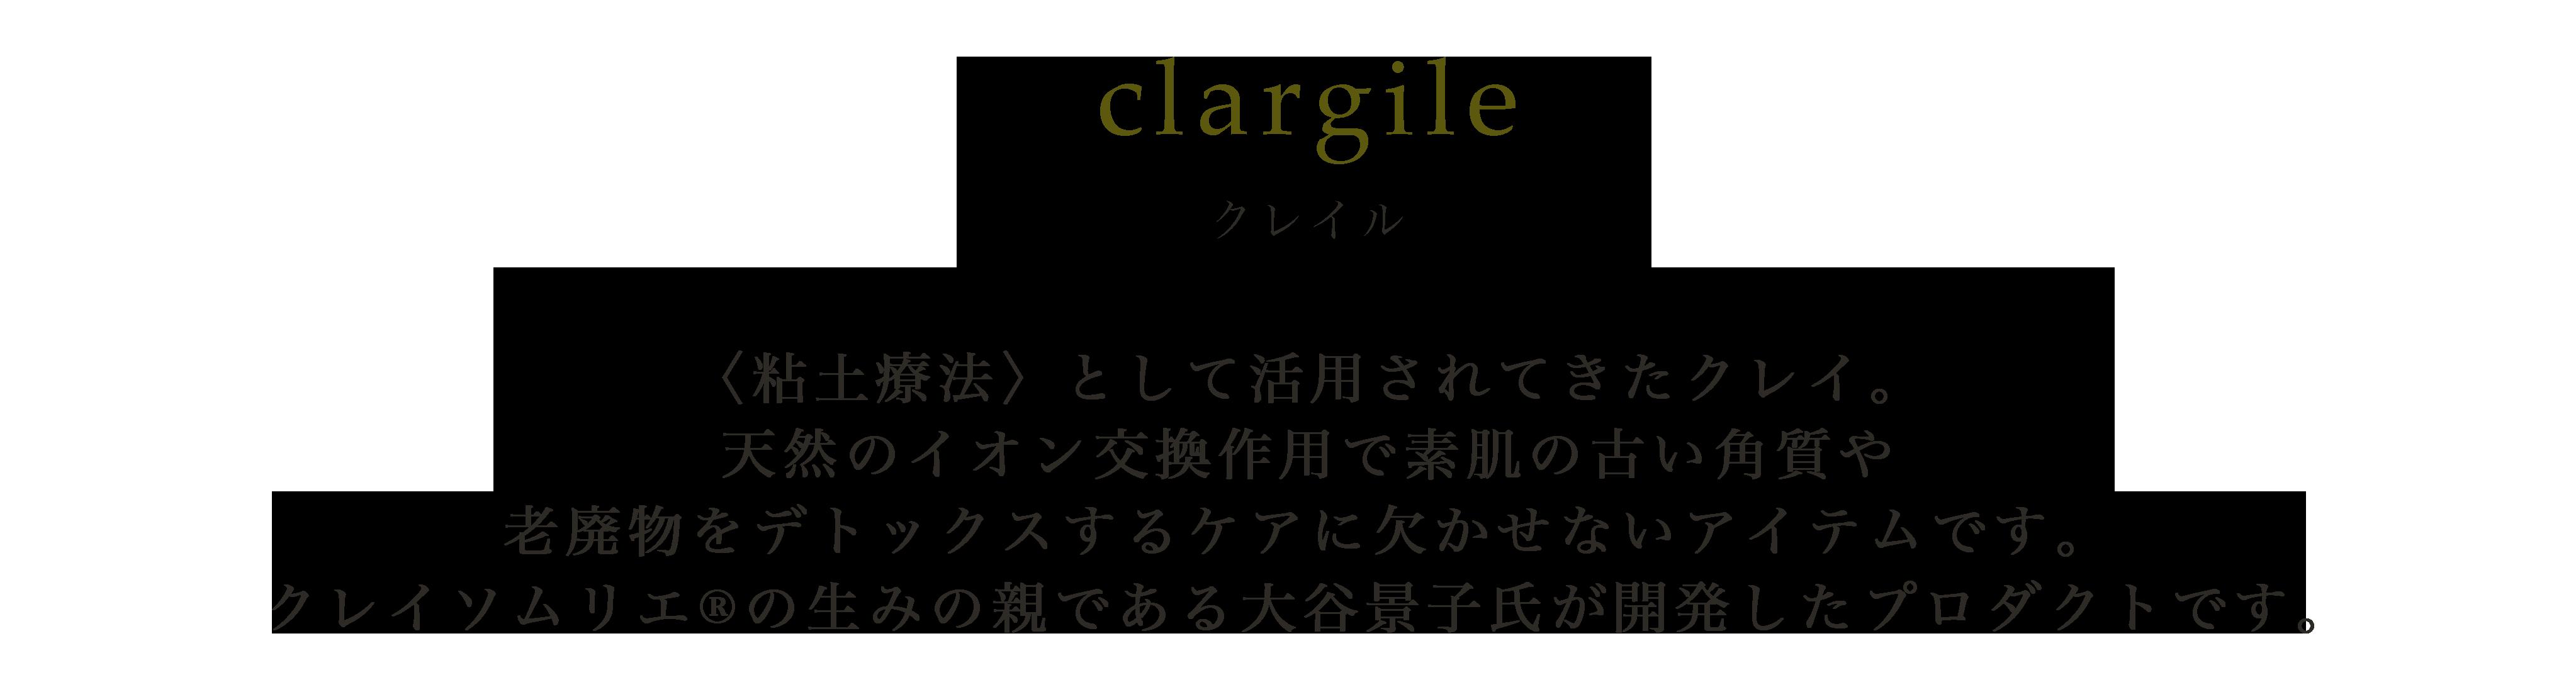 clargile